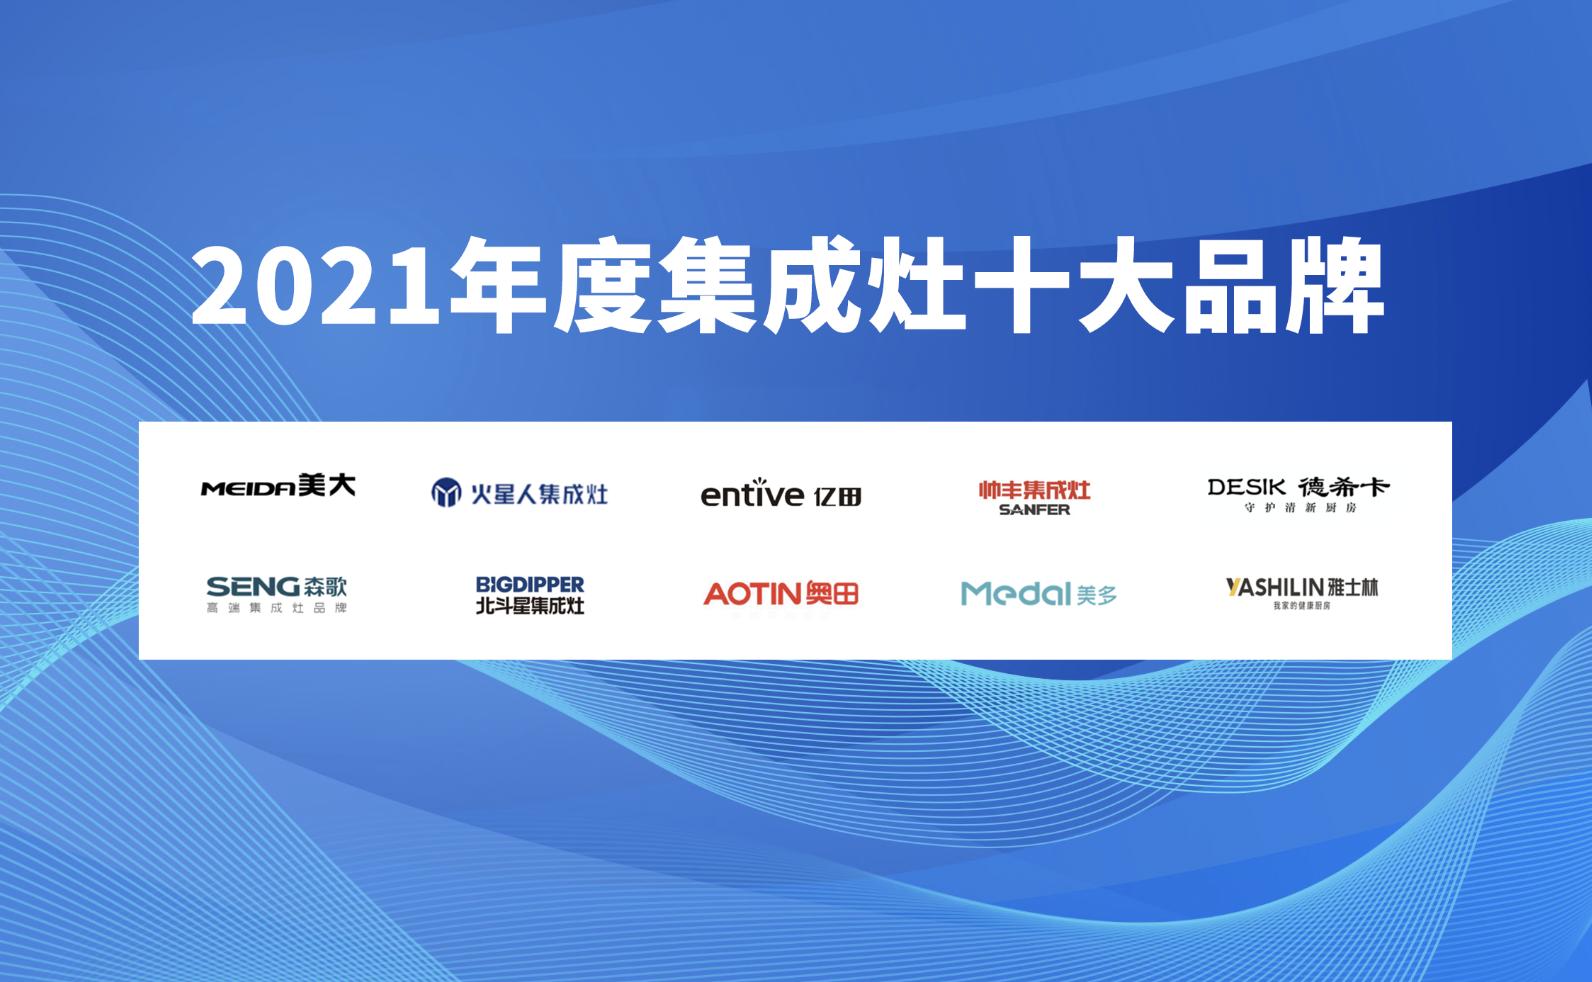 2021年度集成灶十大品牌榜单荣耀揭晓!